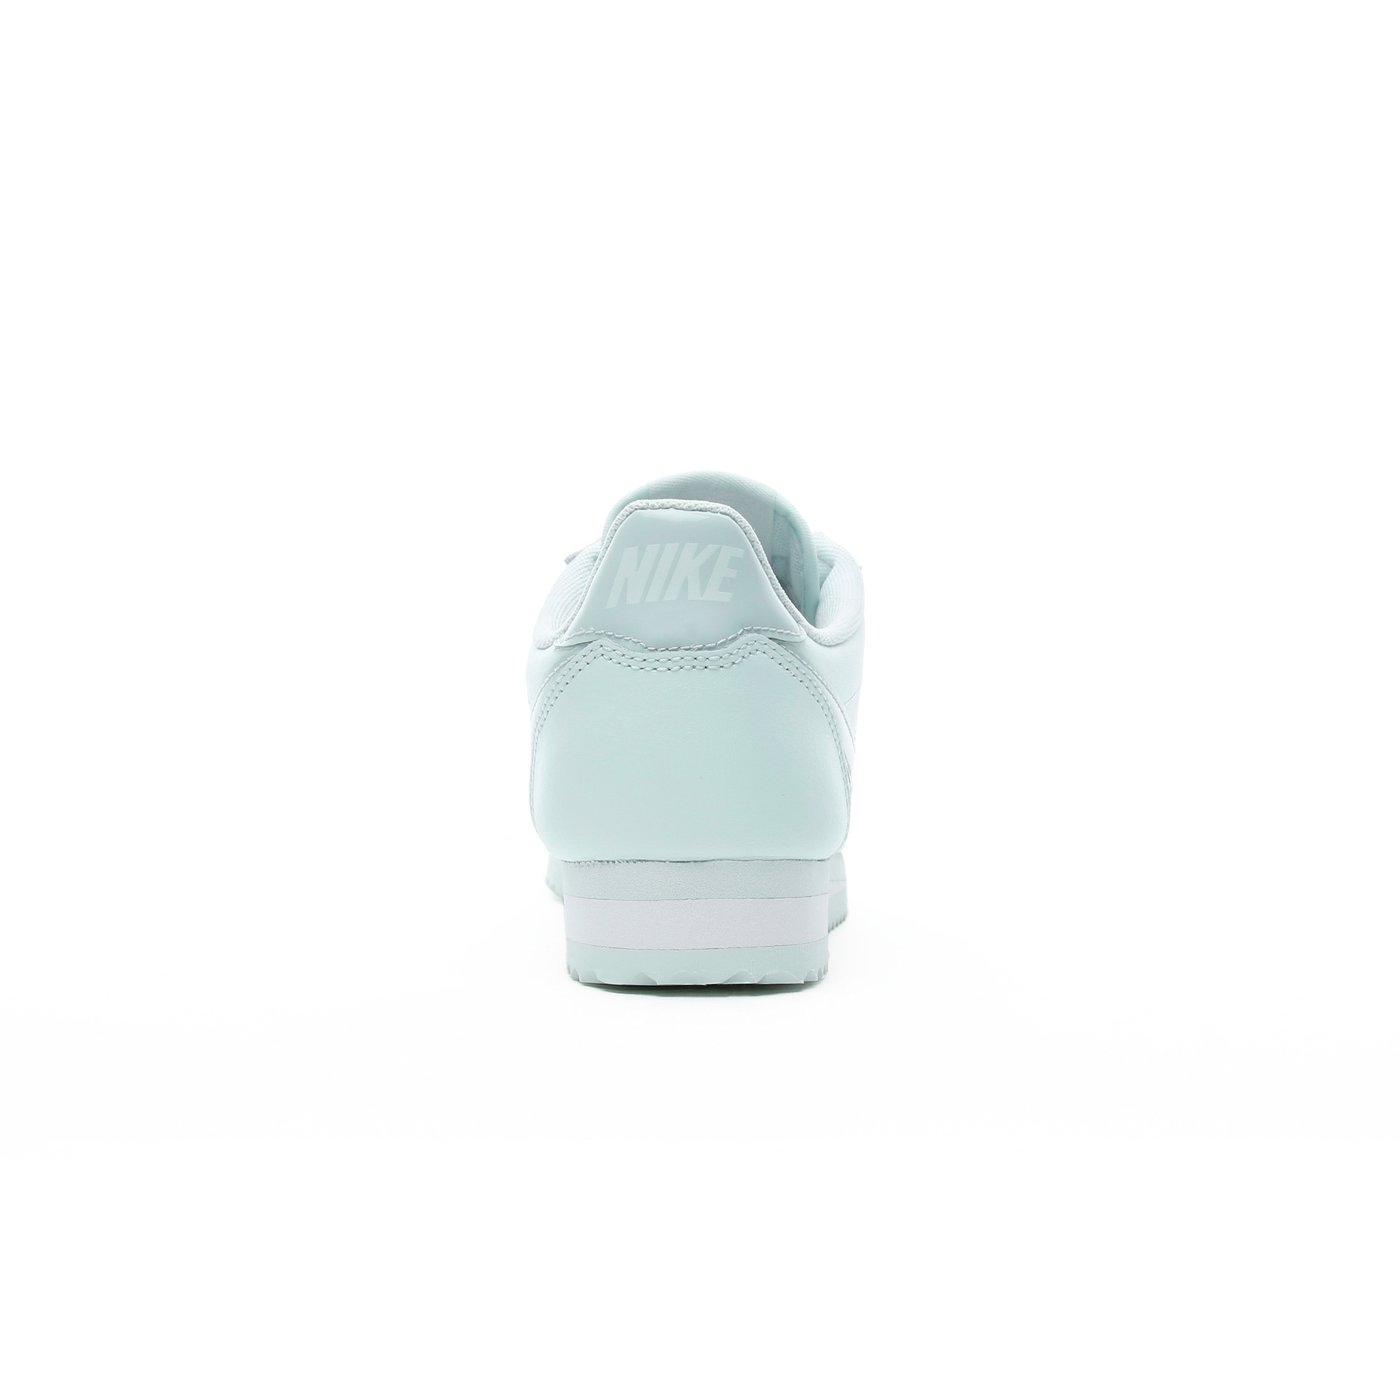 Nike Classic Cortez Prem Kadın Yeşil Spor Ayakkabı